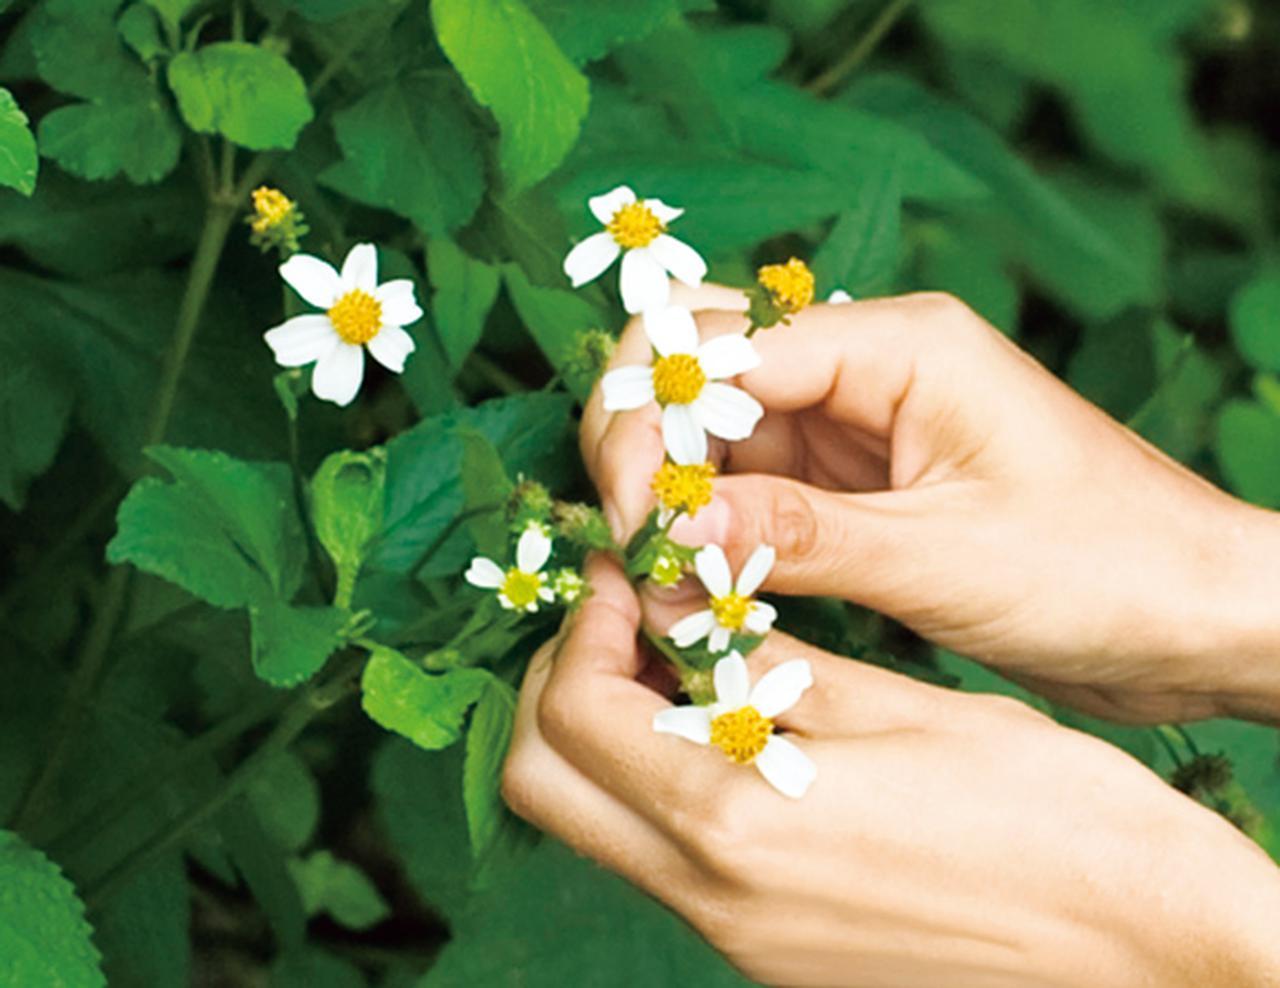 画像: 草は、根っこを残して摘む。花の開き具合をよく見て、草の柔らかさや感触などを指先で感じながら一枚ずつ、ていねいに